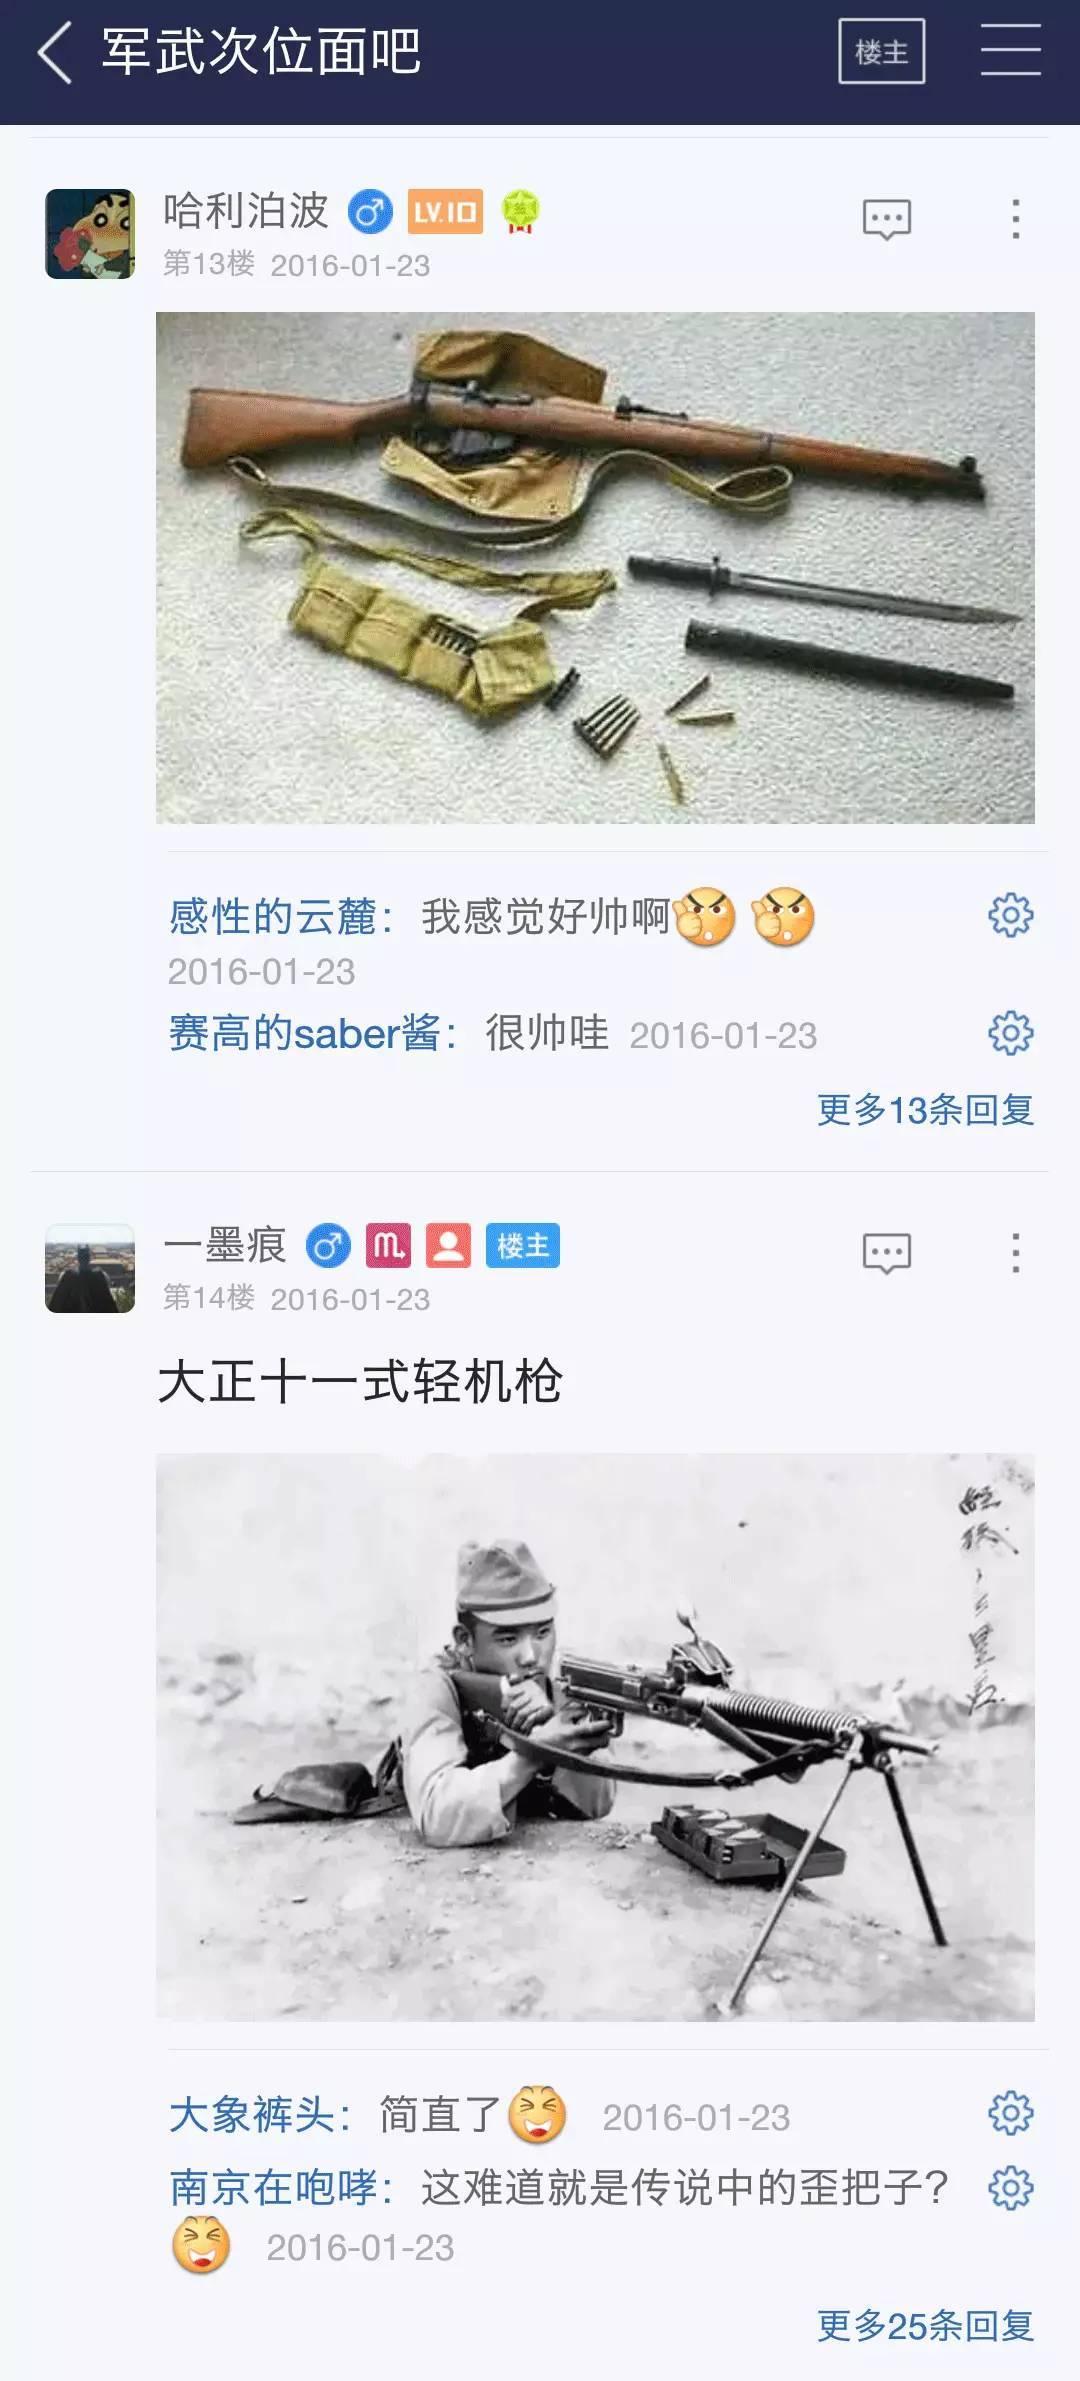 杭州9月土拍落幕:良渚地价破2万 星桥宅地价格封顶